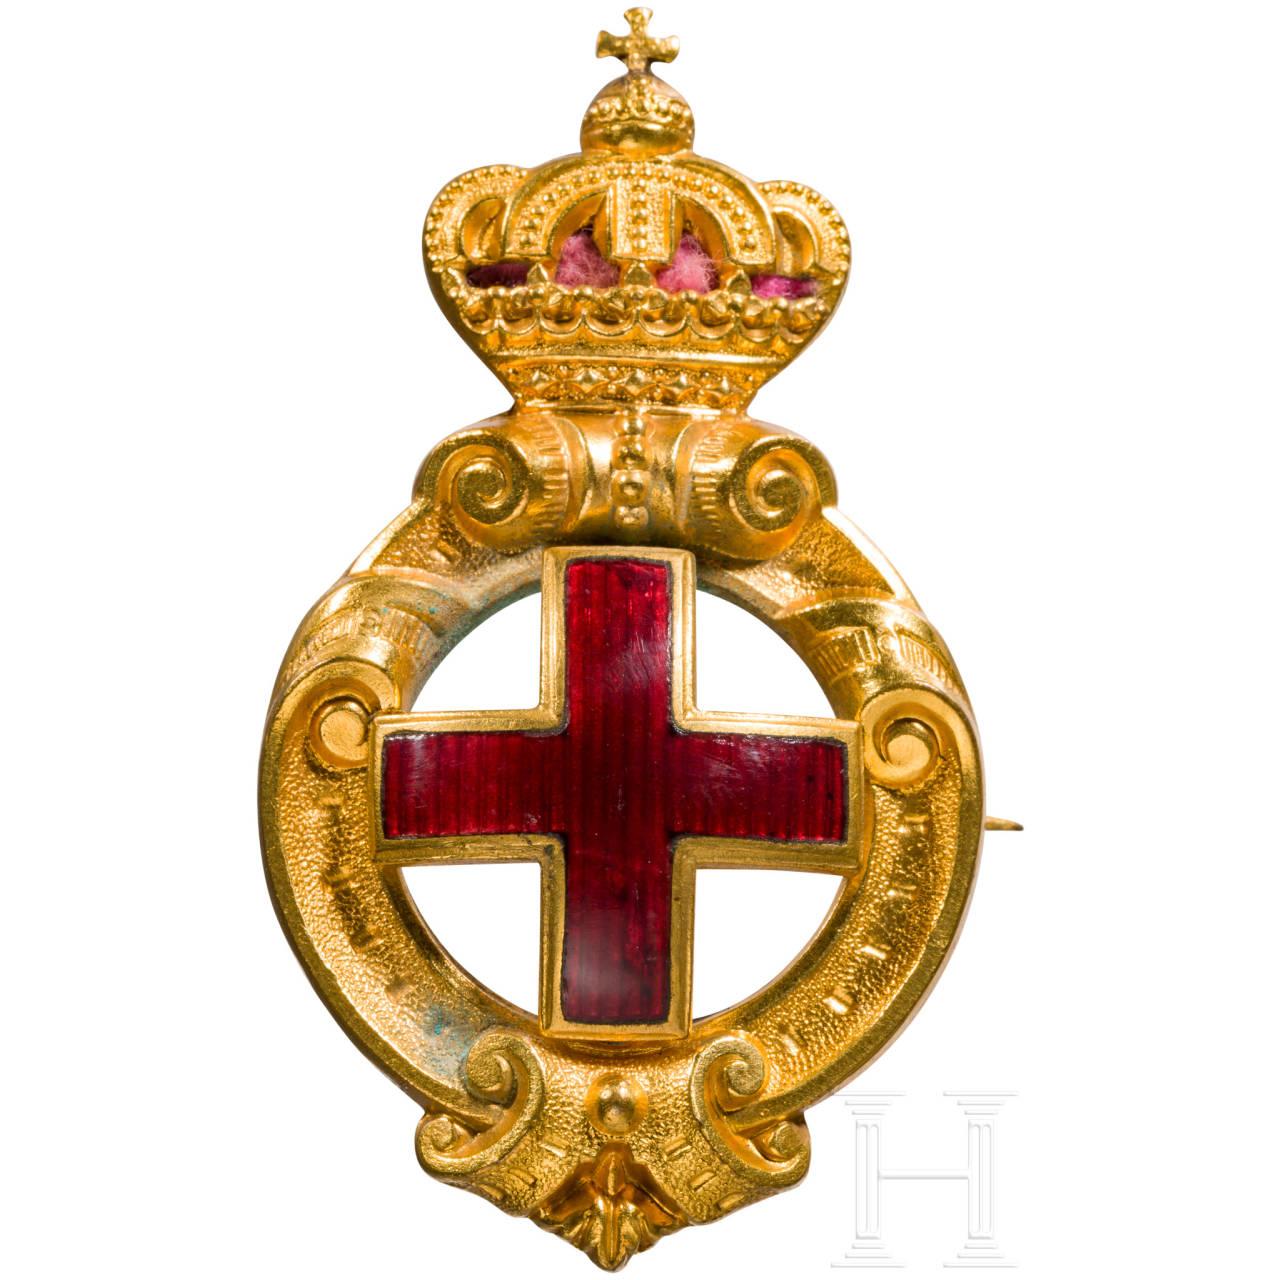 Ehrenzeichen der Rot-Kreuz-Gesellschaft, Bulgarien